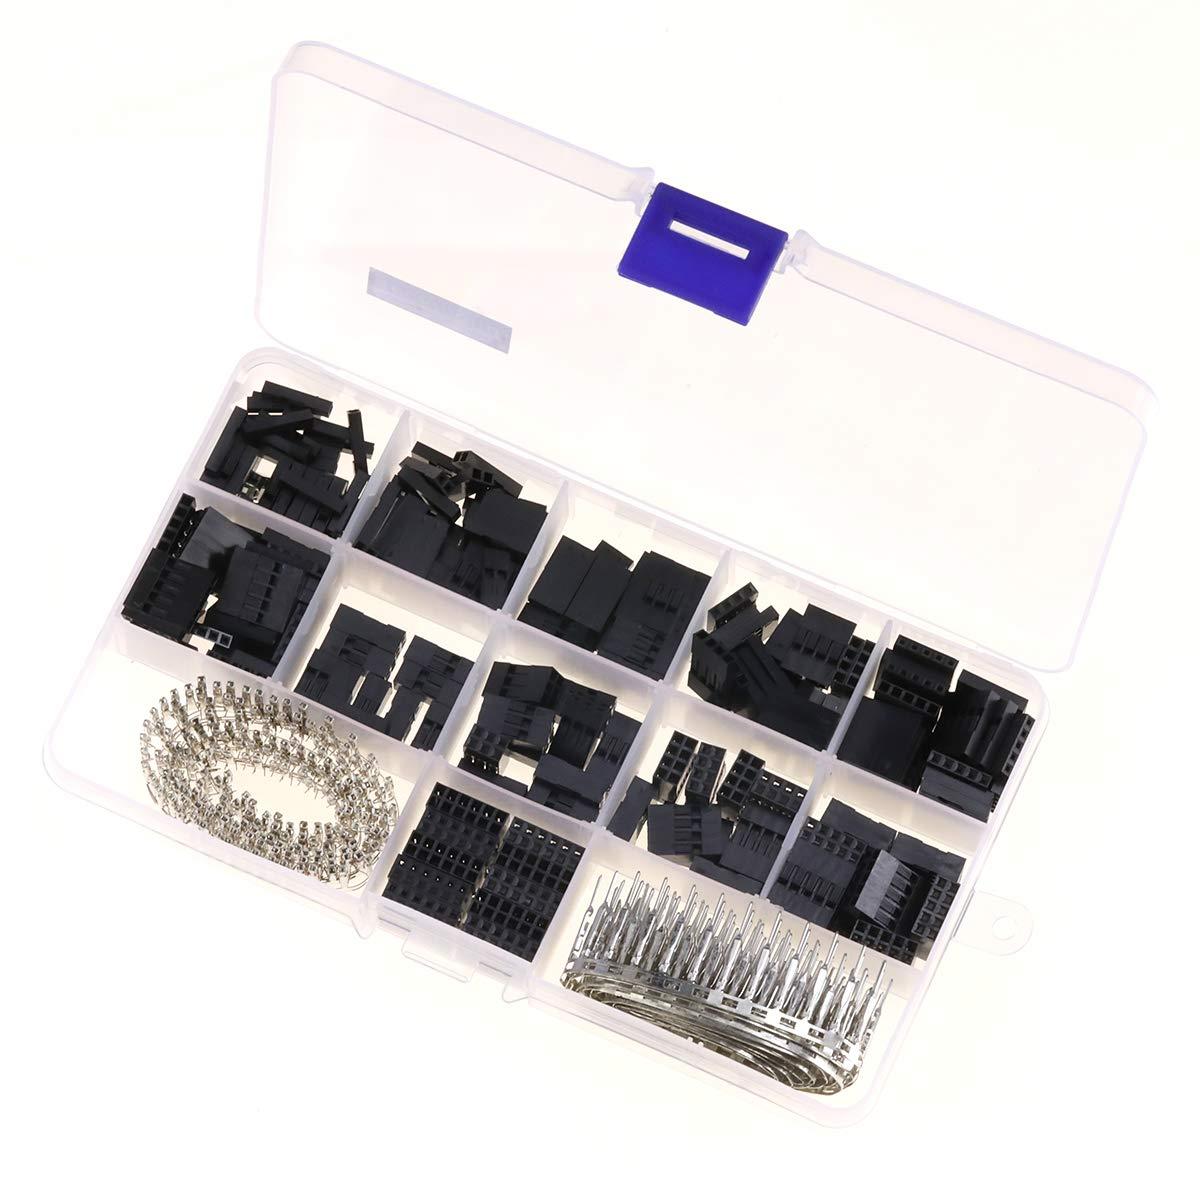 Teckmond Crimpzange Kabelschuhe Set Kabel Steckverbinder Mit 8 Farben Elektrische Verzinnte Aderend-Isolierhü lsen fü r Anschlussdosen Kabel, 1000 Pcs AWG 24-10